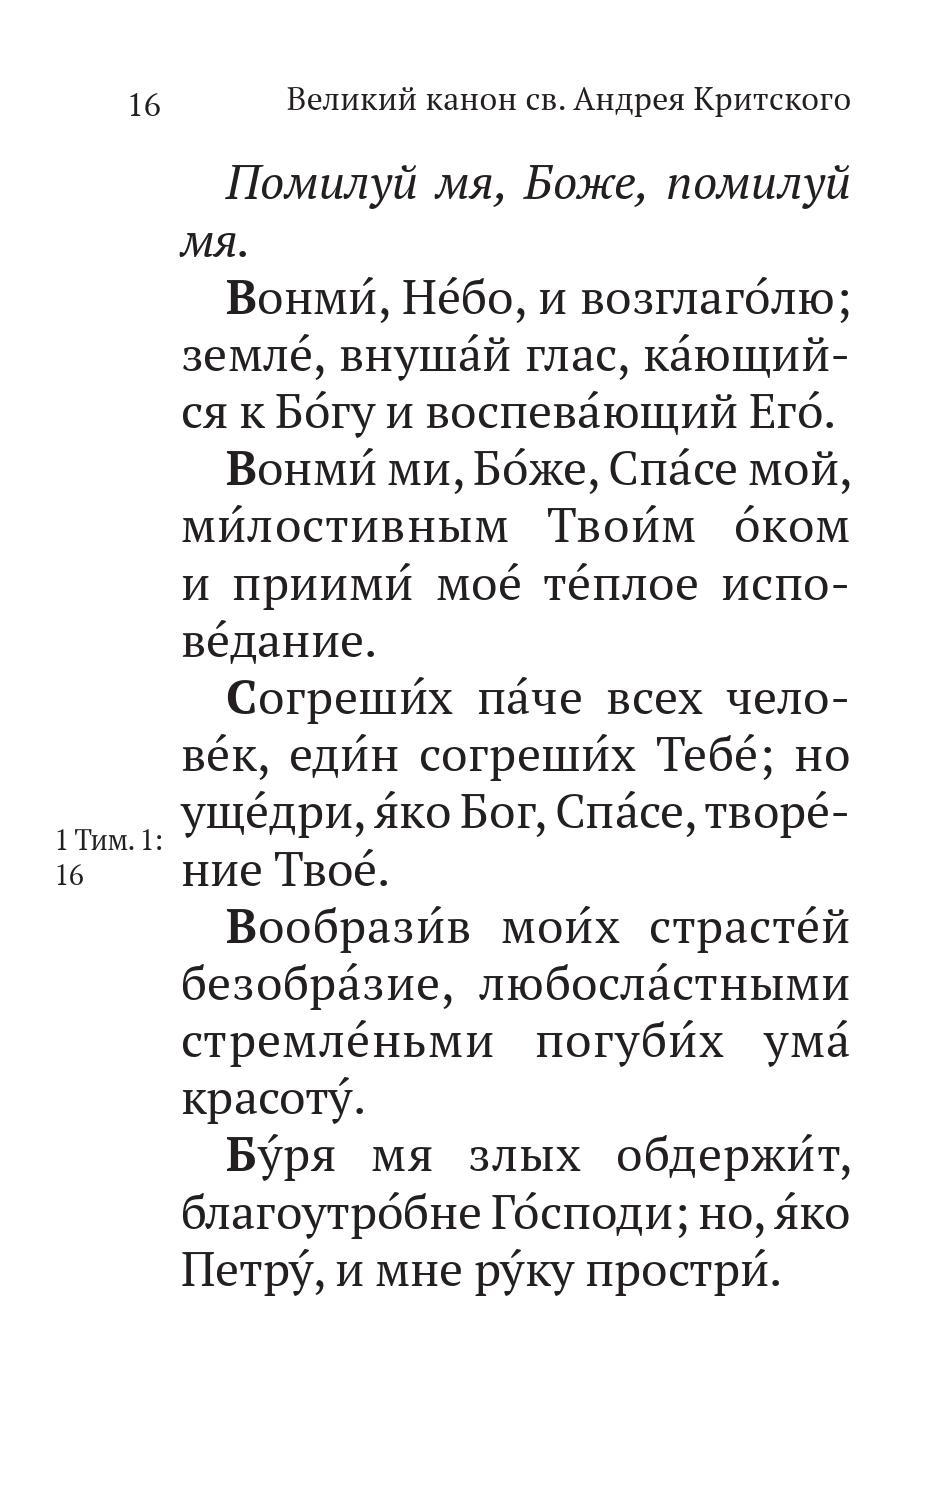 КАНОН АНДРЕЯ КРИТСКОГО ТЕКСТ НА РУССКОМ ЯЗЫКЕ СКАЧАТЬ БЕСПЛАТНО